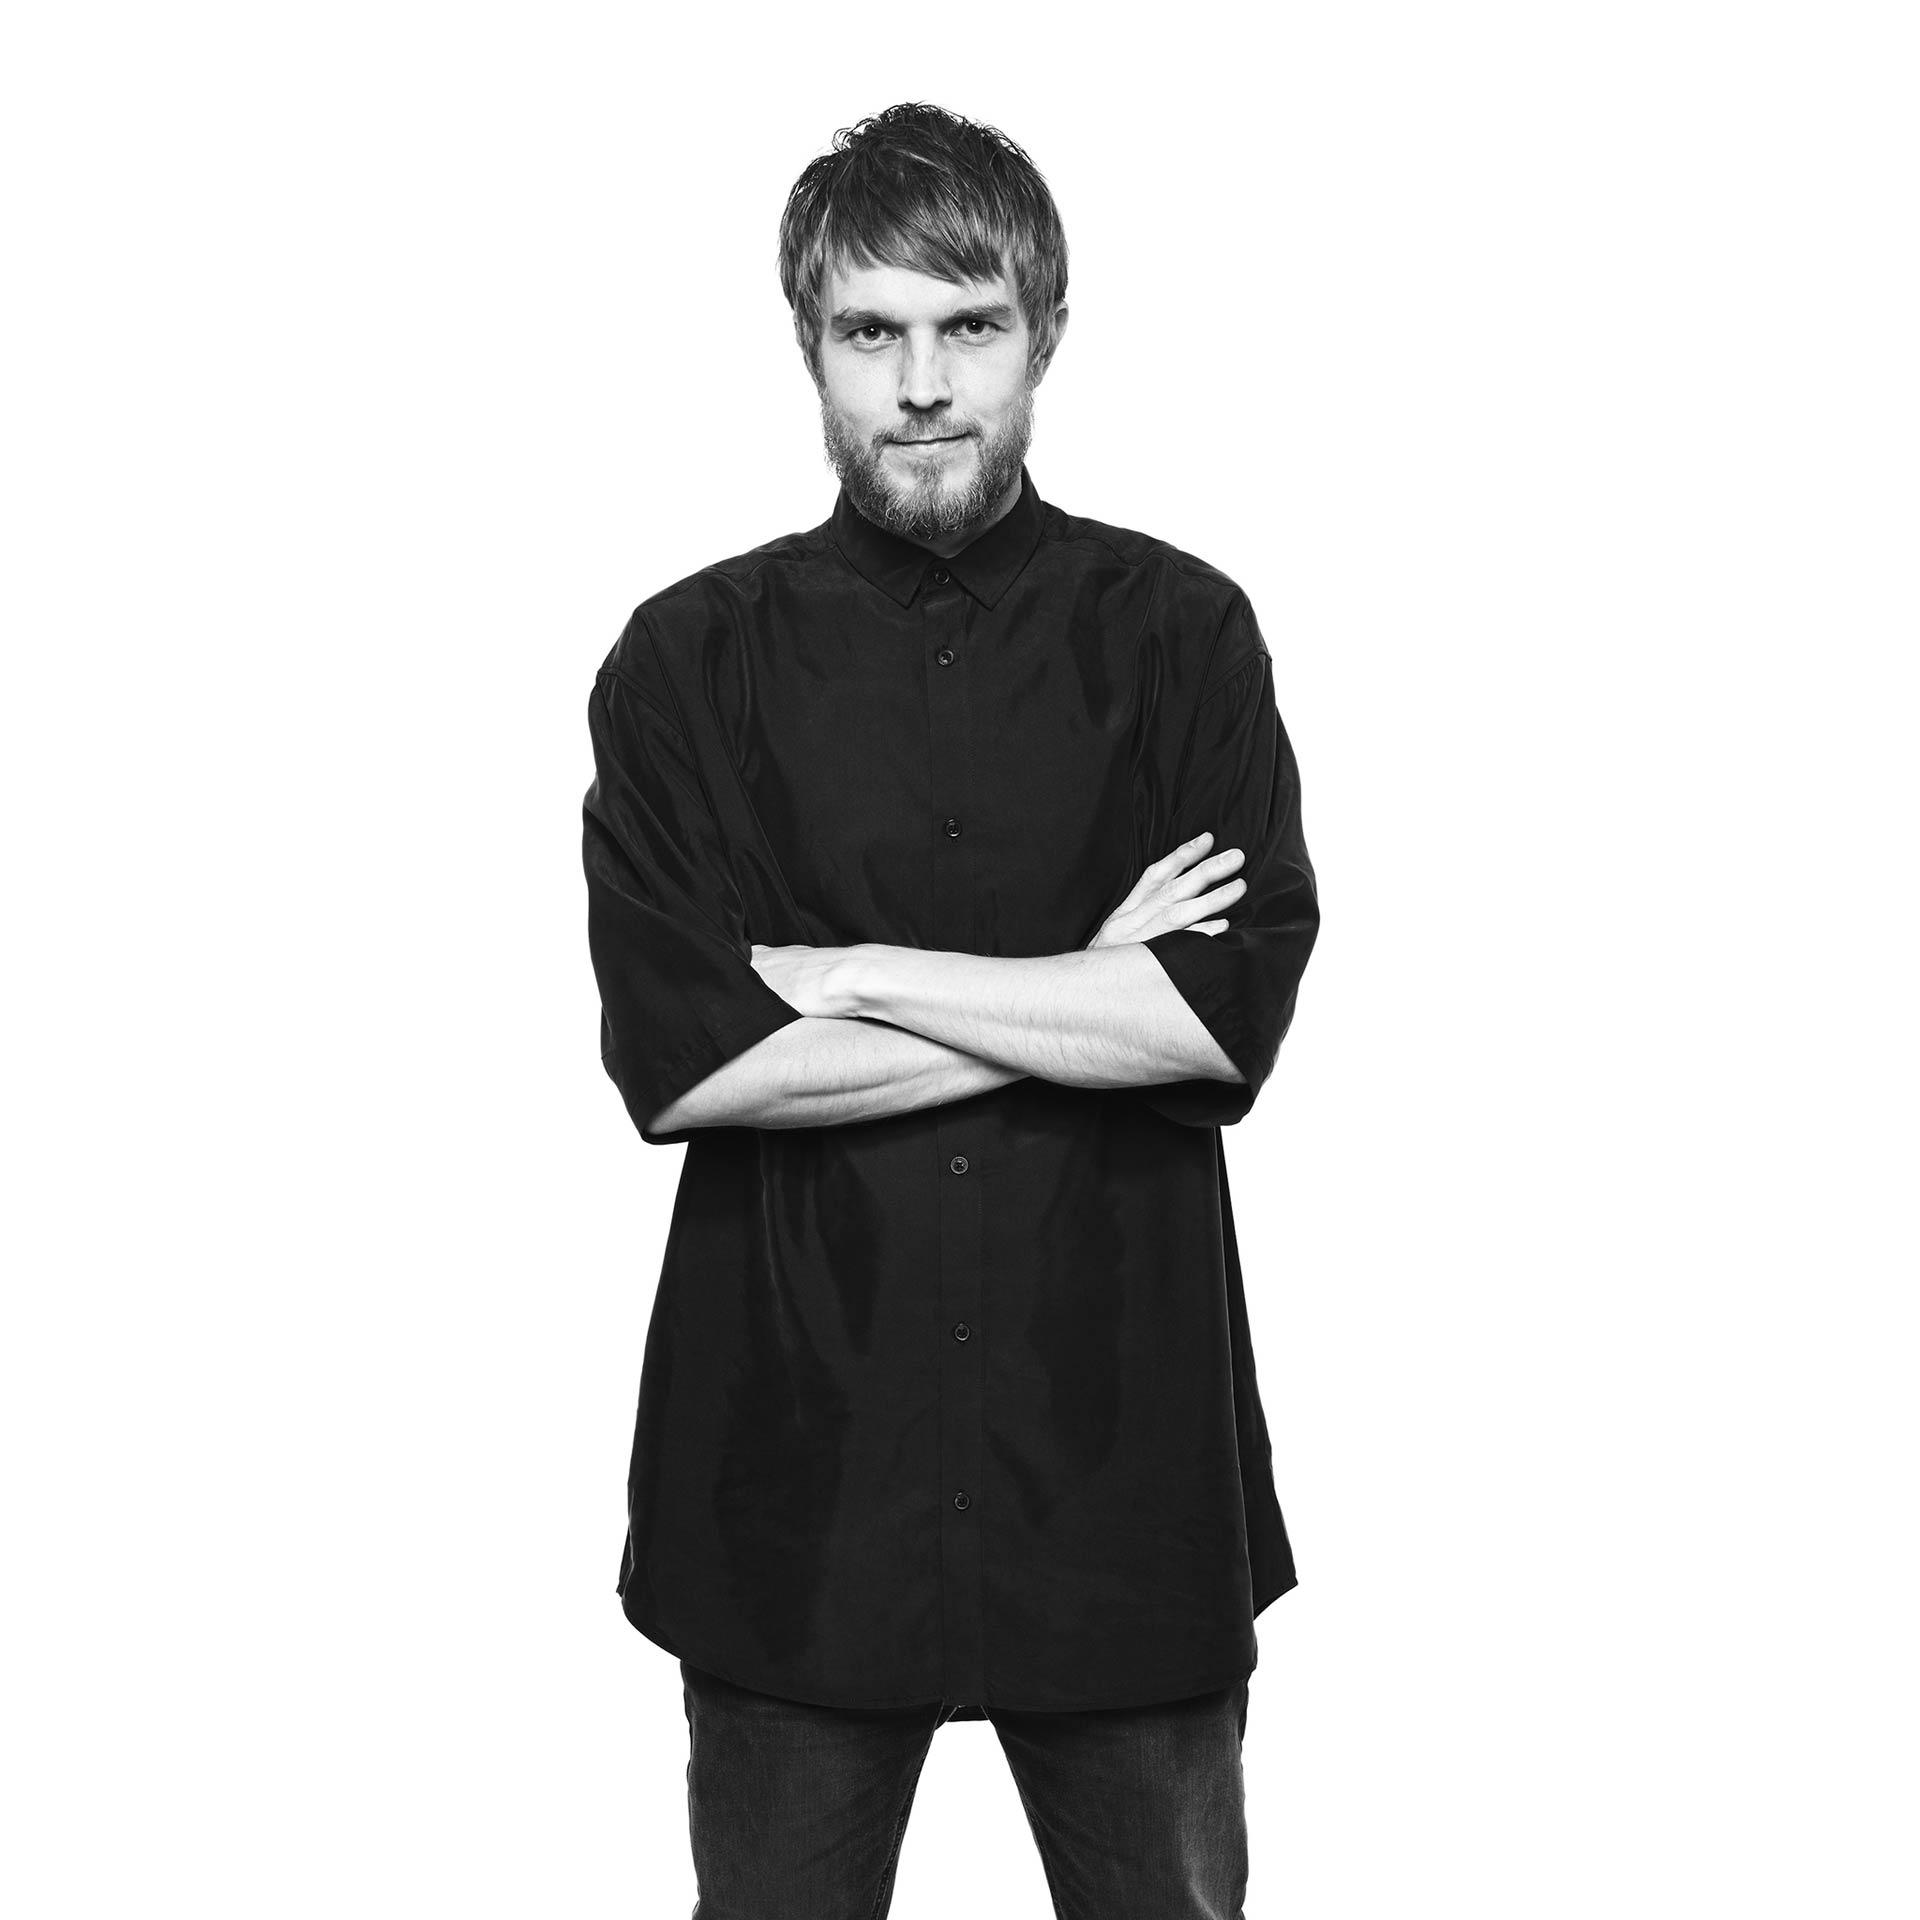 將雙手叉在胸前的 IKEA 設計師 Henrik Preutz